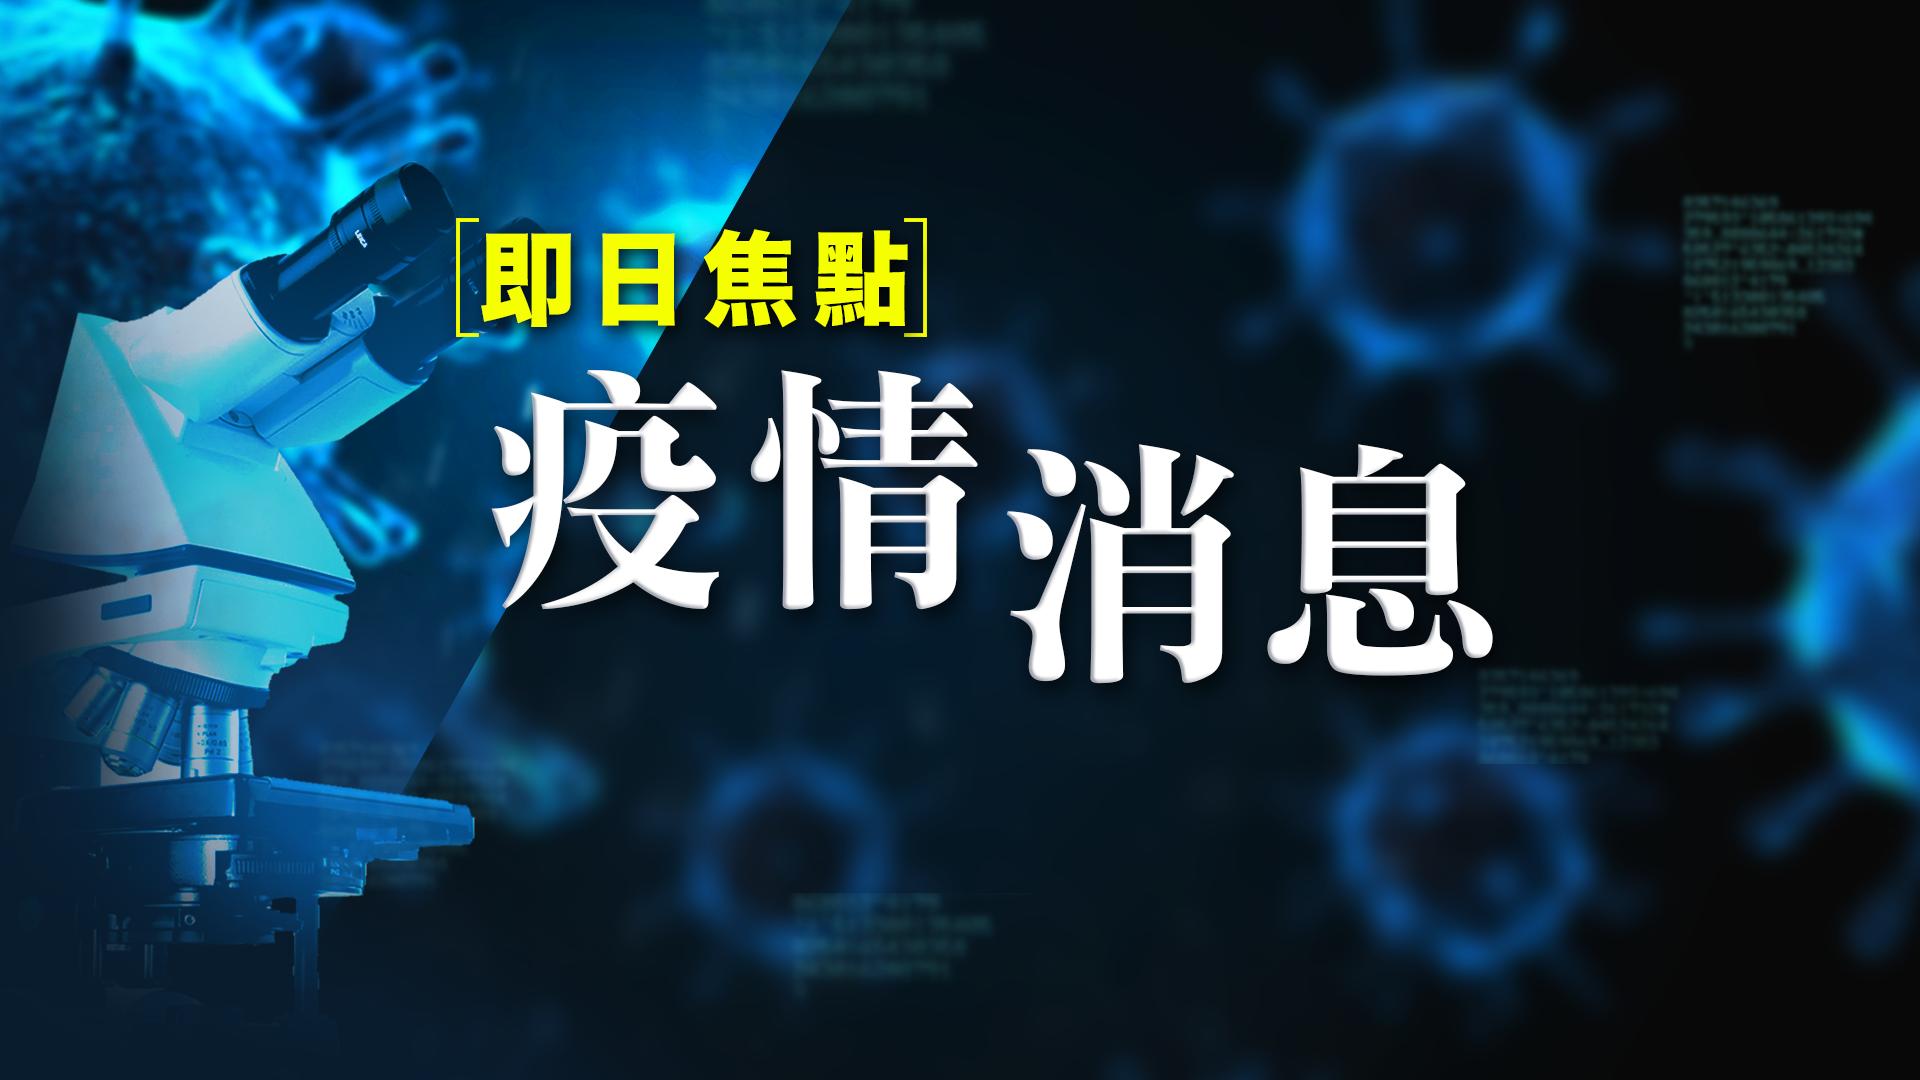 【1月28日疫情速報】(11:45)